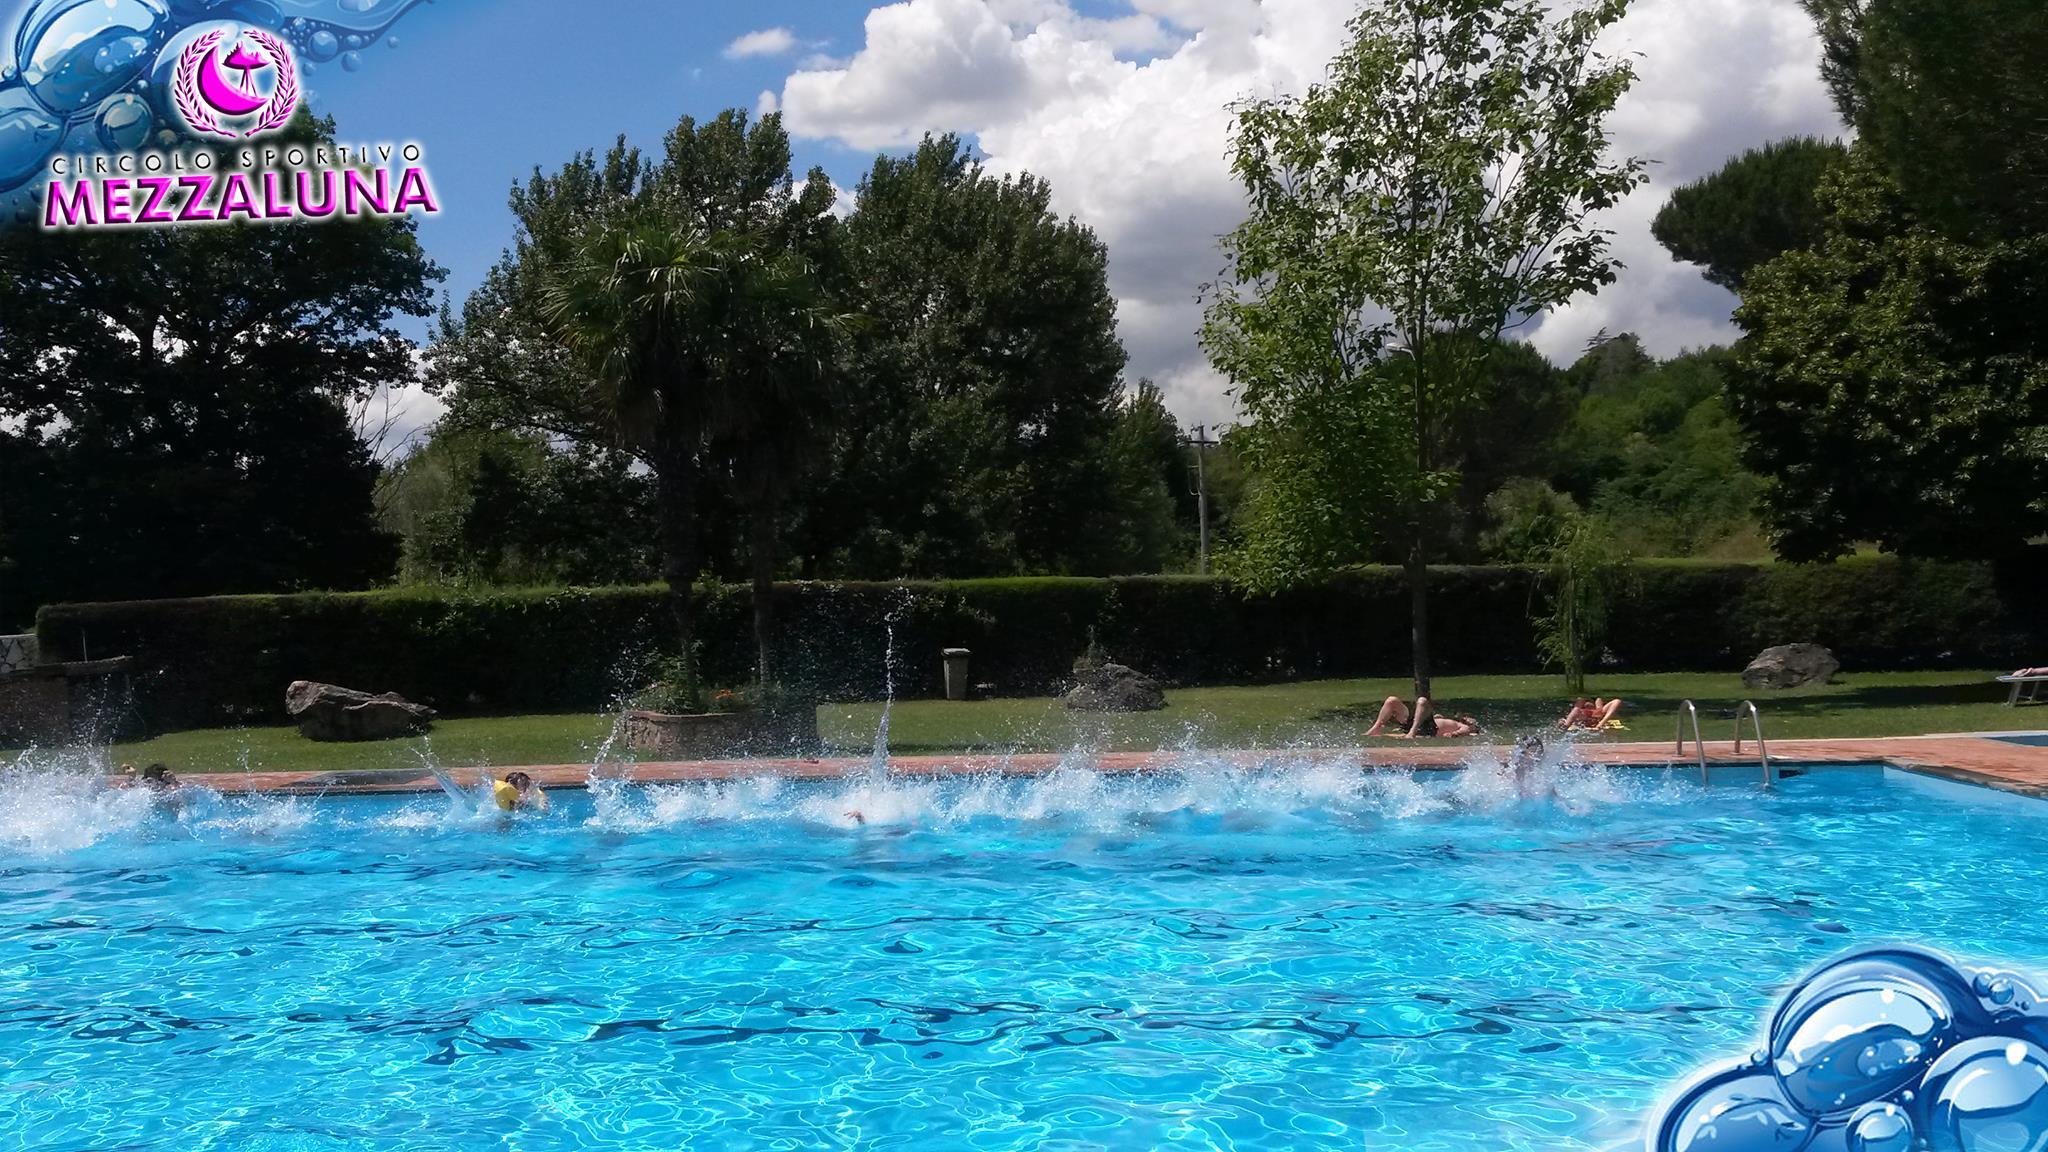 Centro sportivo mezzaluna for Centro sportivo le piscine